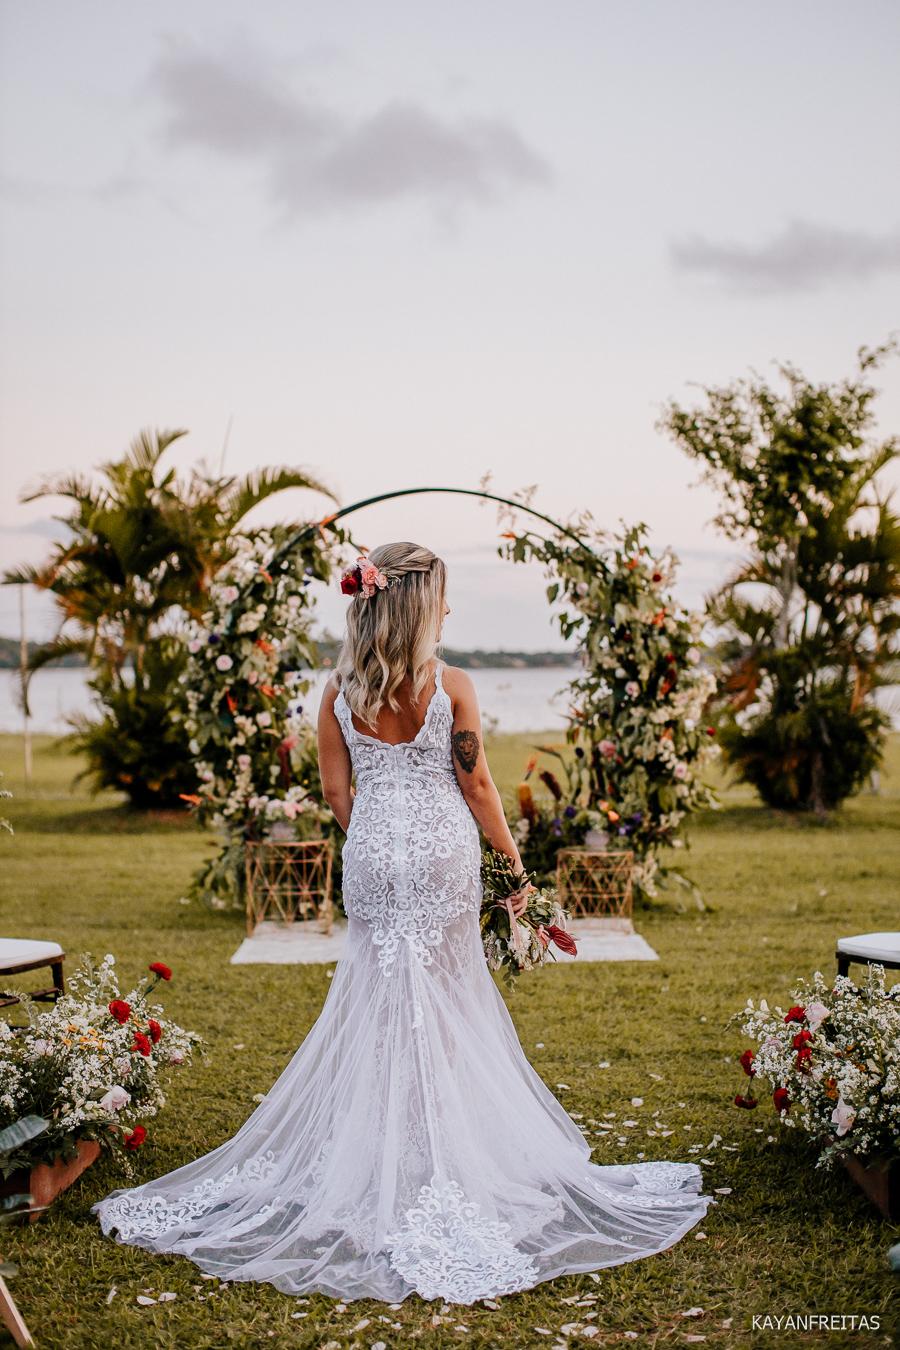 casamentodedia-lic-floripa-0110 Casamento de dia em Florianópolis - Pri e Guto